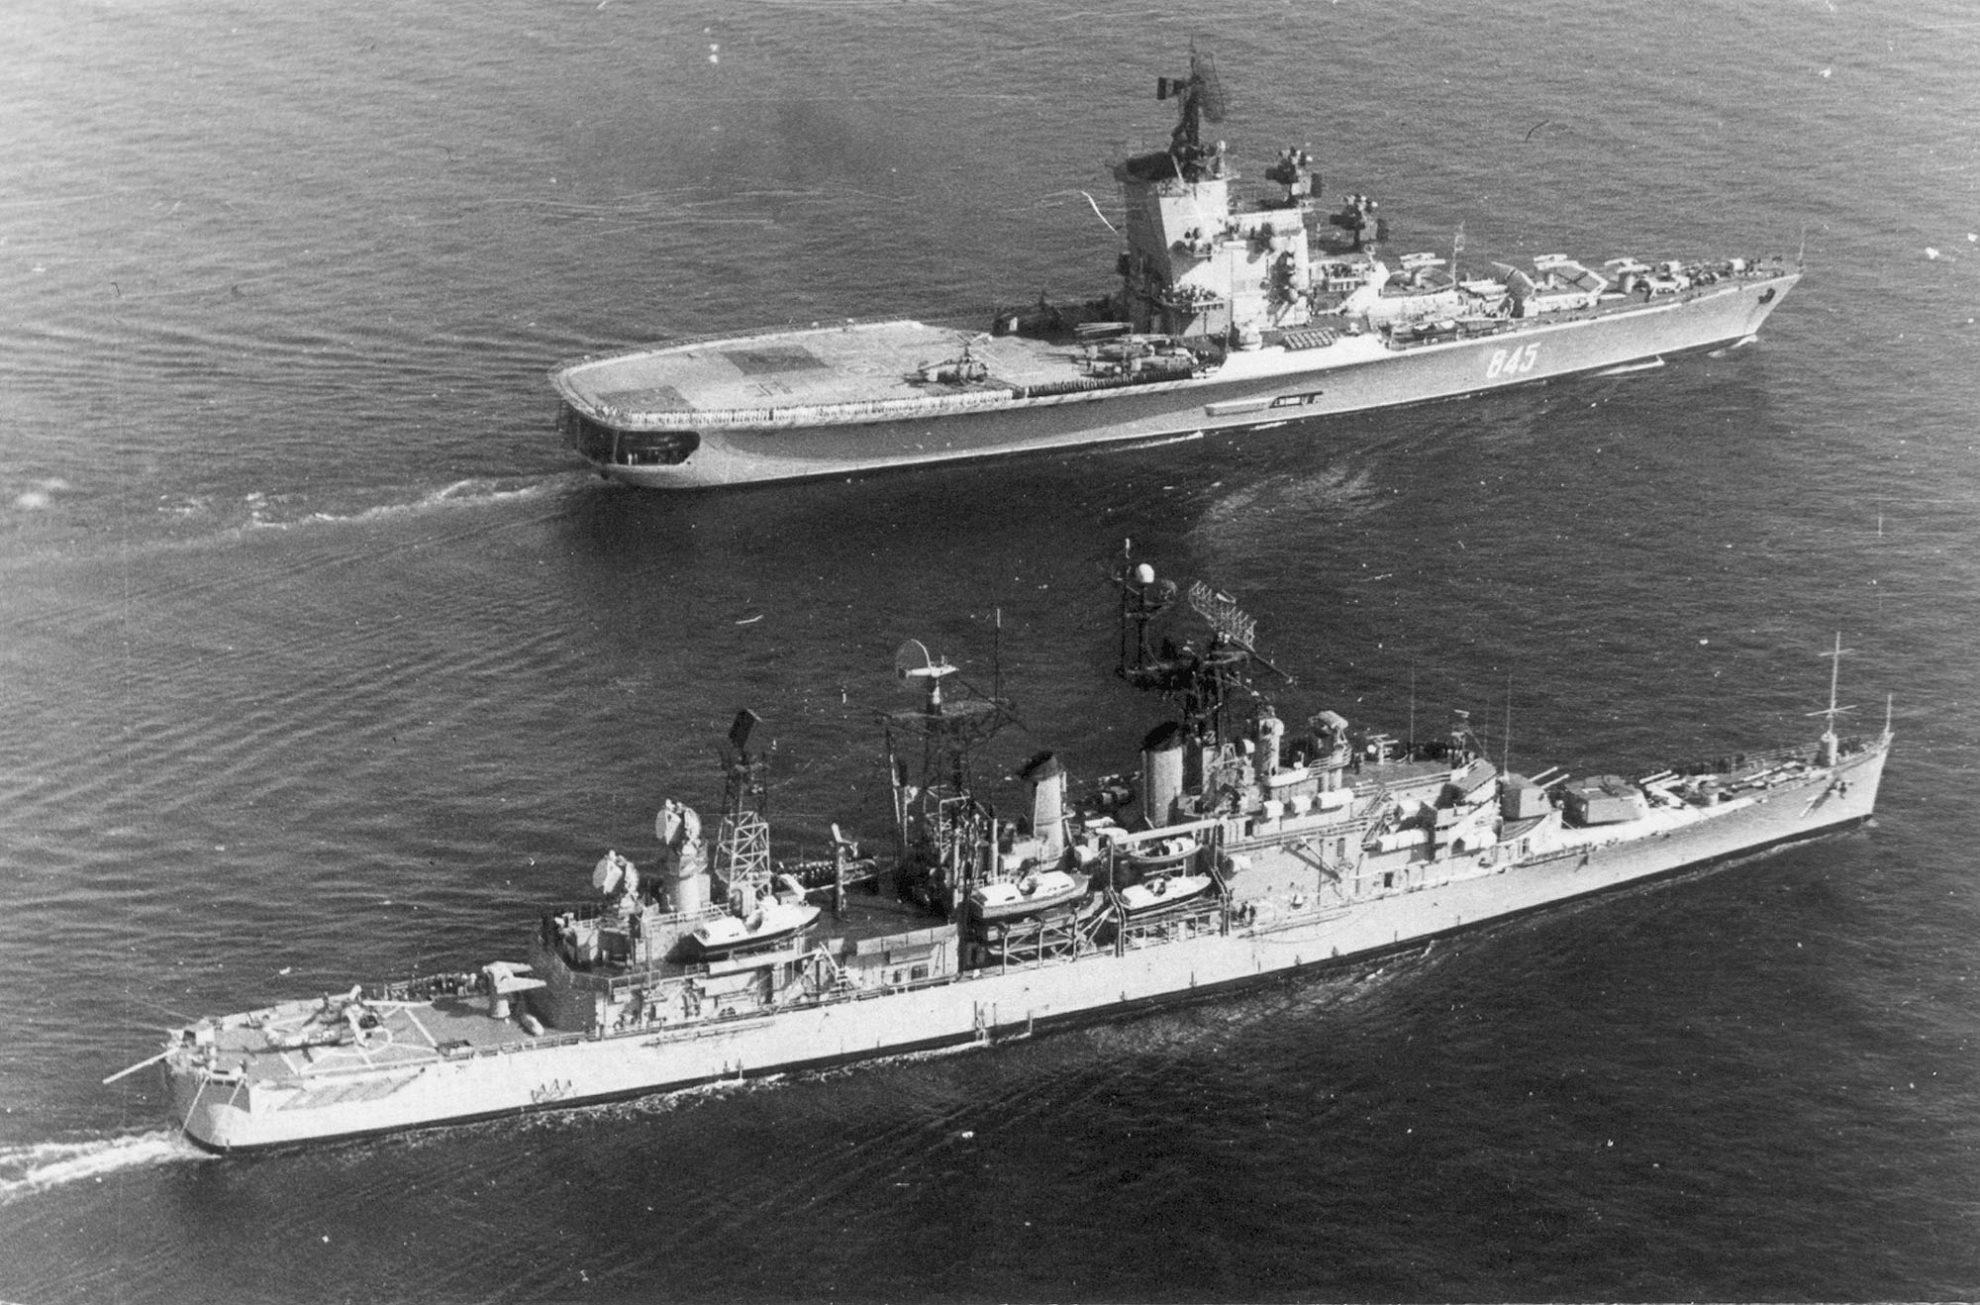 противолодочный крейсер «Ленинград» и американский ракетный крейсер «Спрингфилд»,